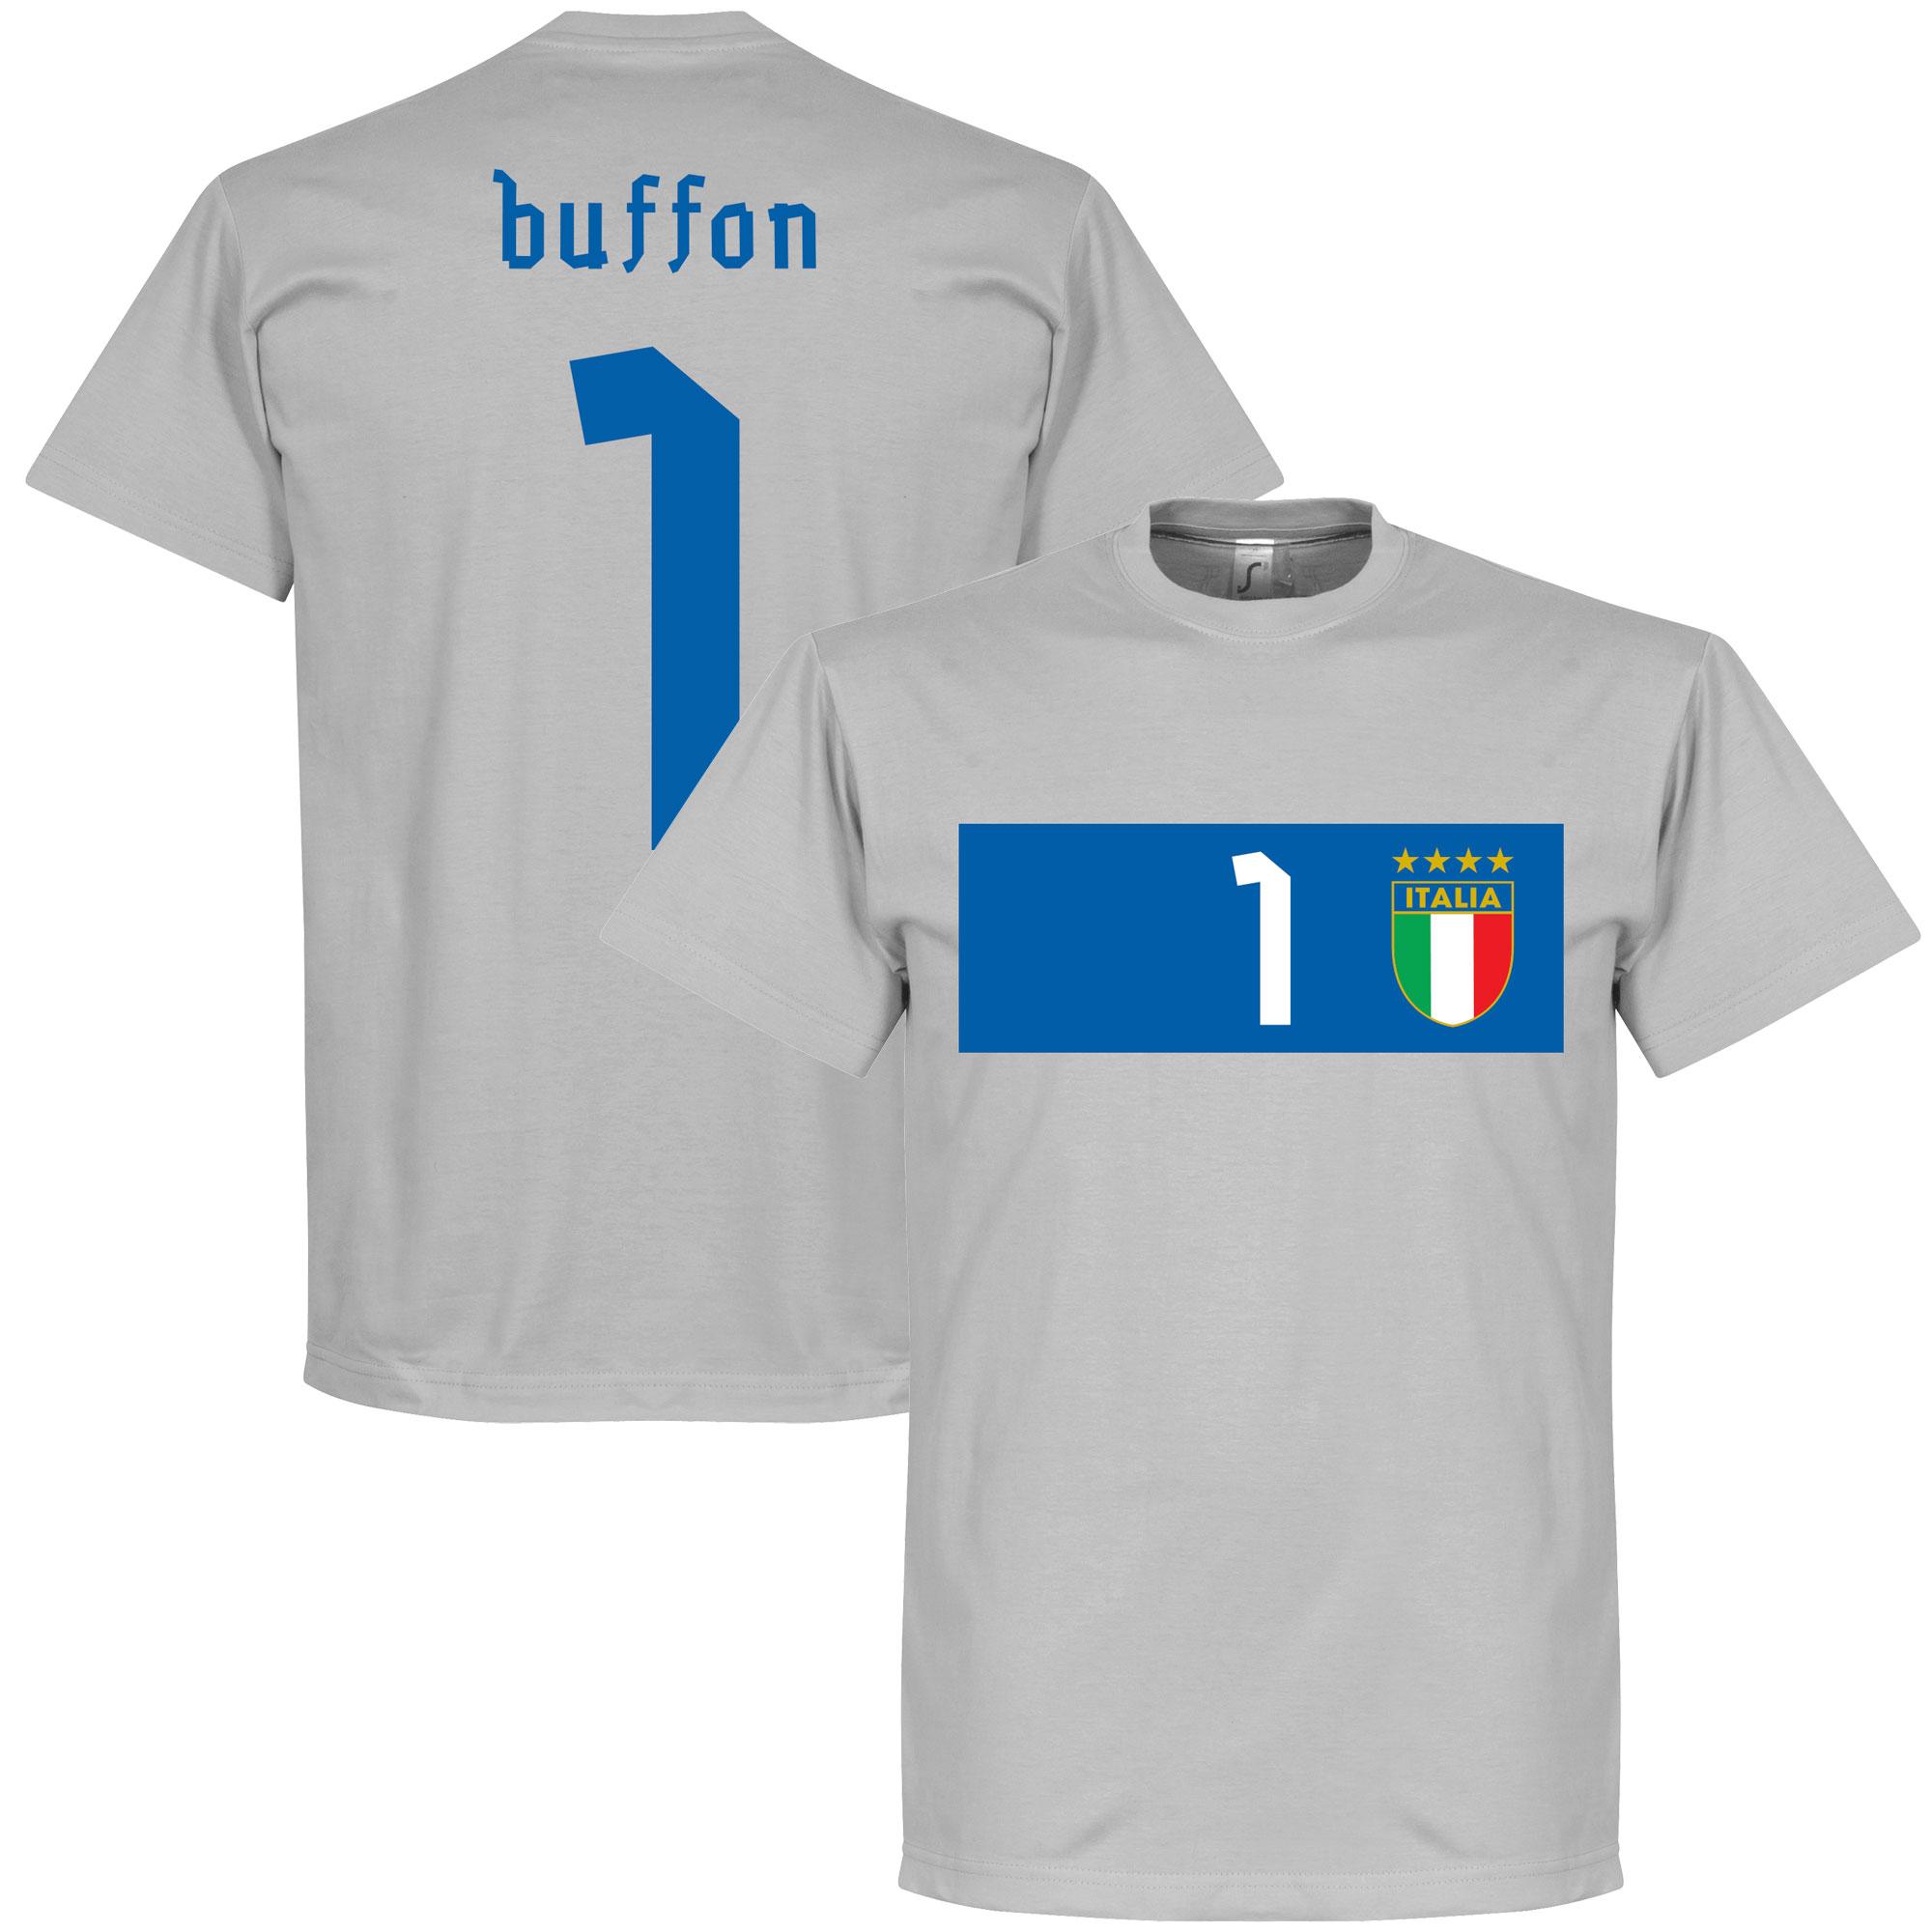 Italy Buffon Banner Tee - Grey - S